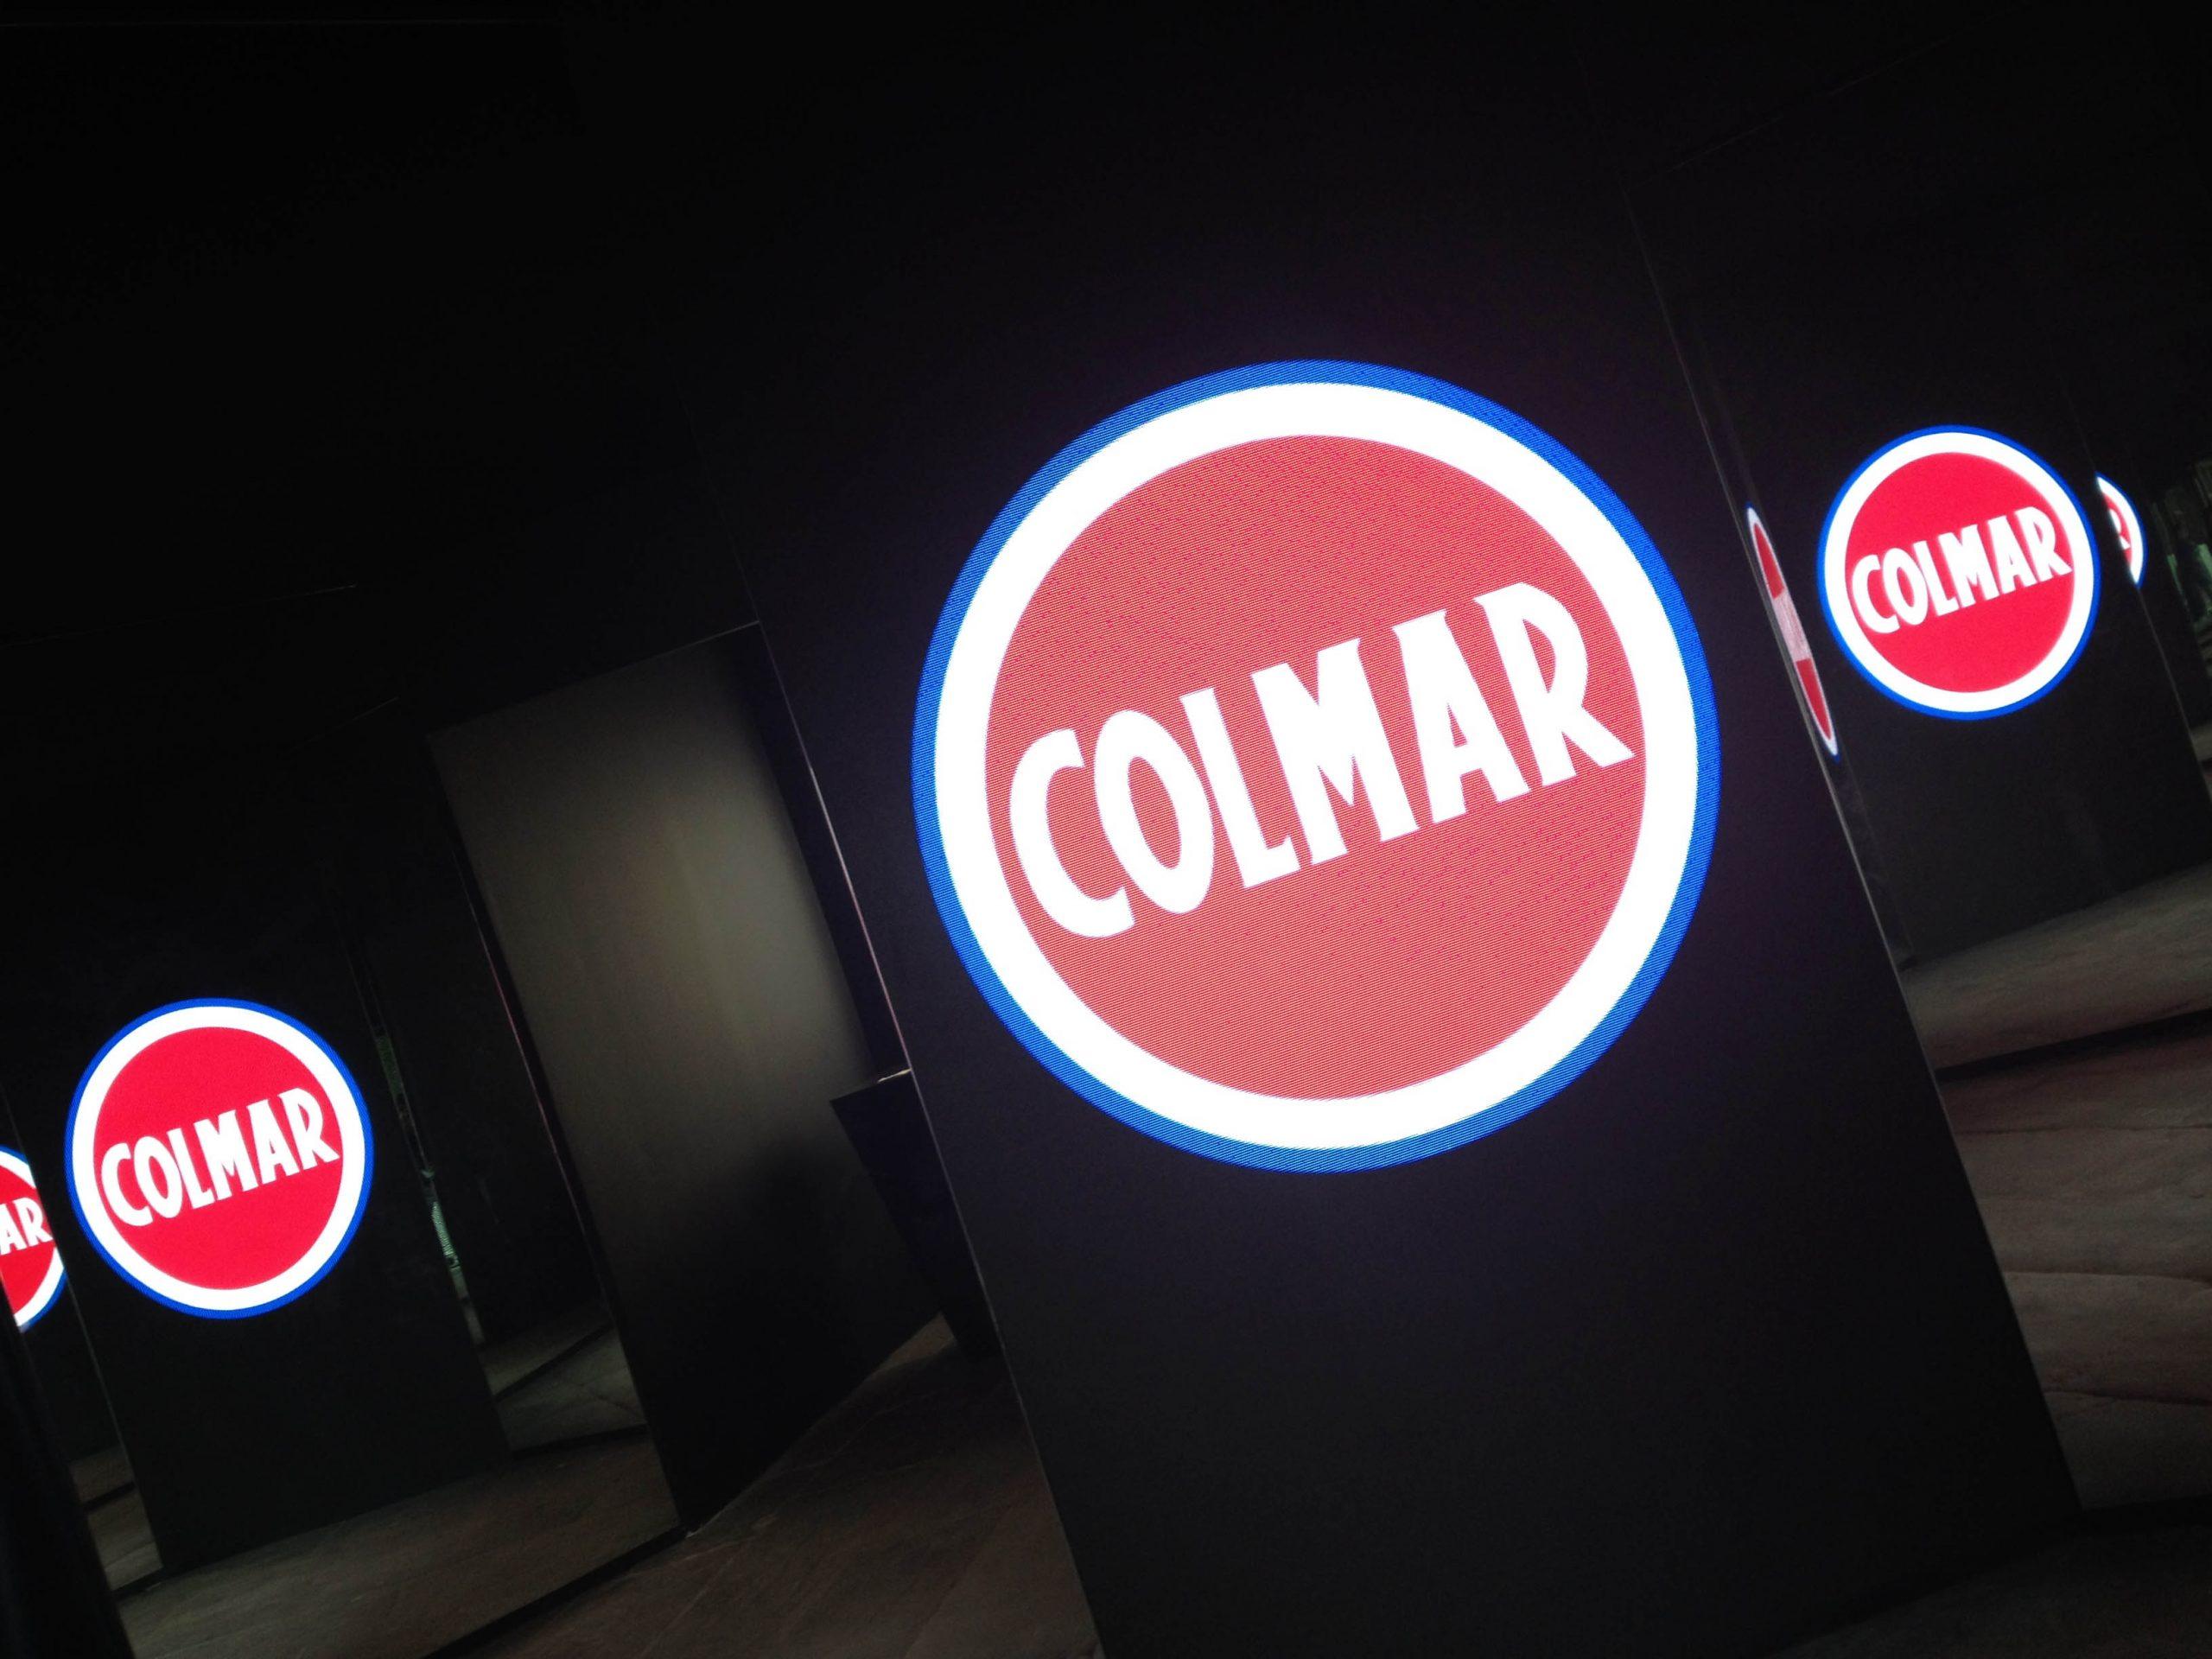 Colmar Originals Pitti Uomo Firenze project 01